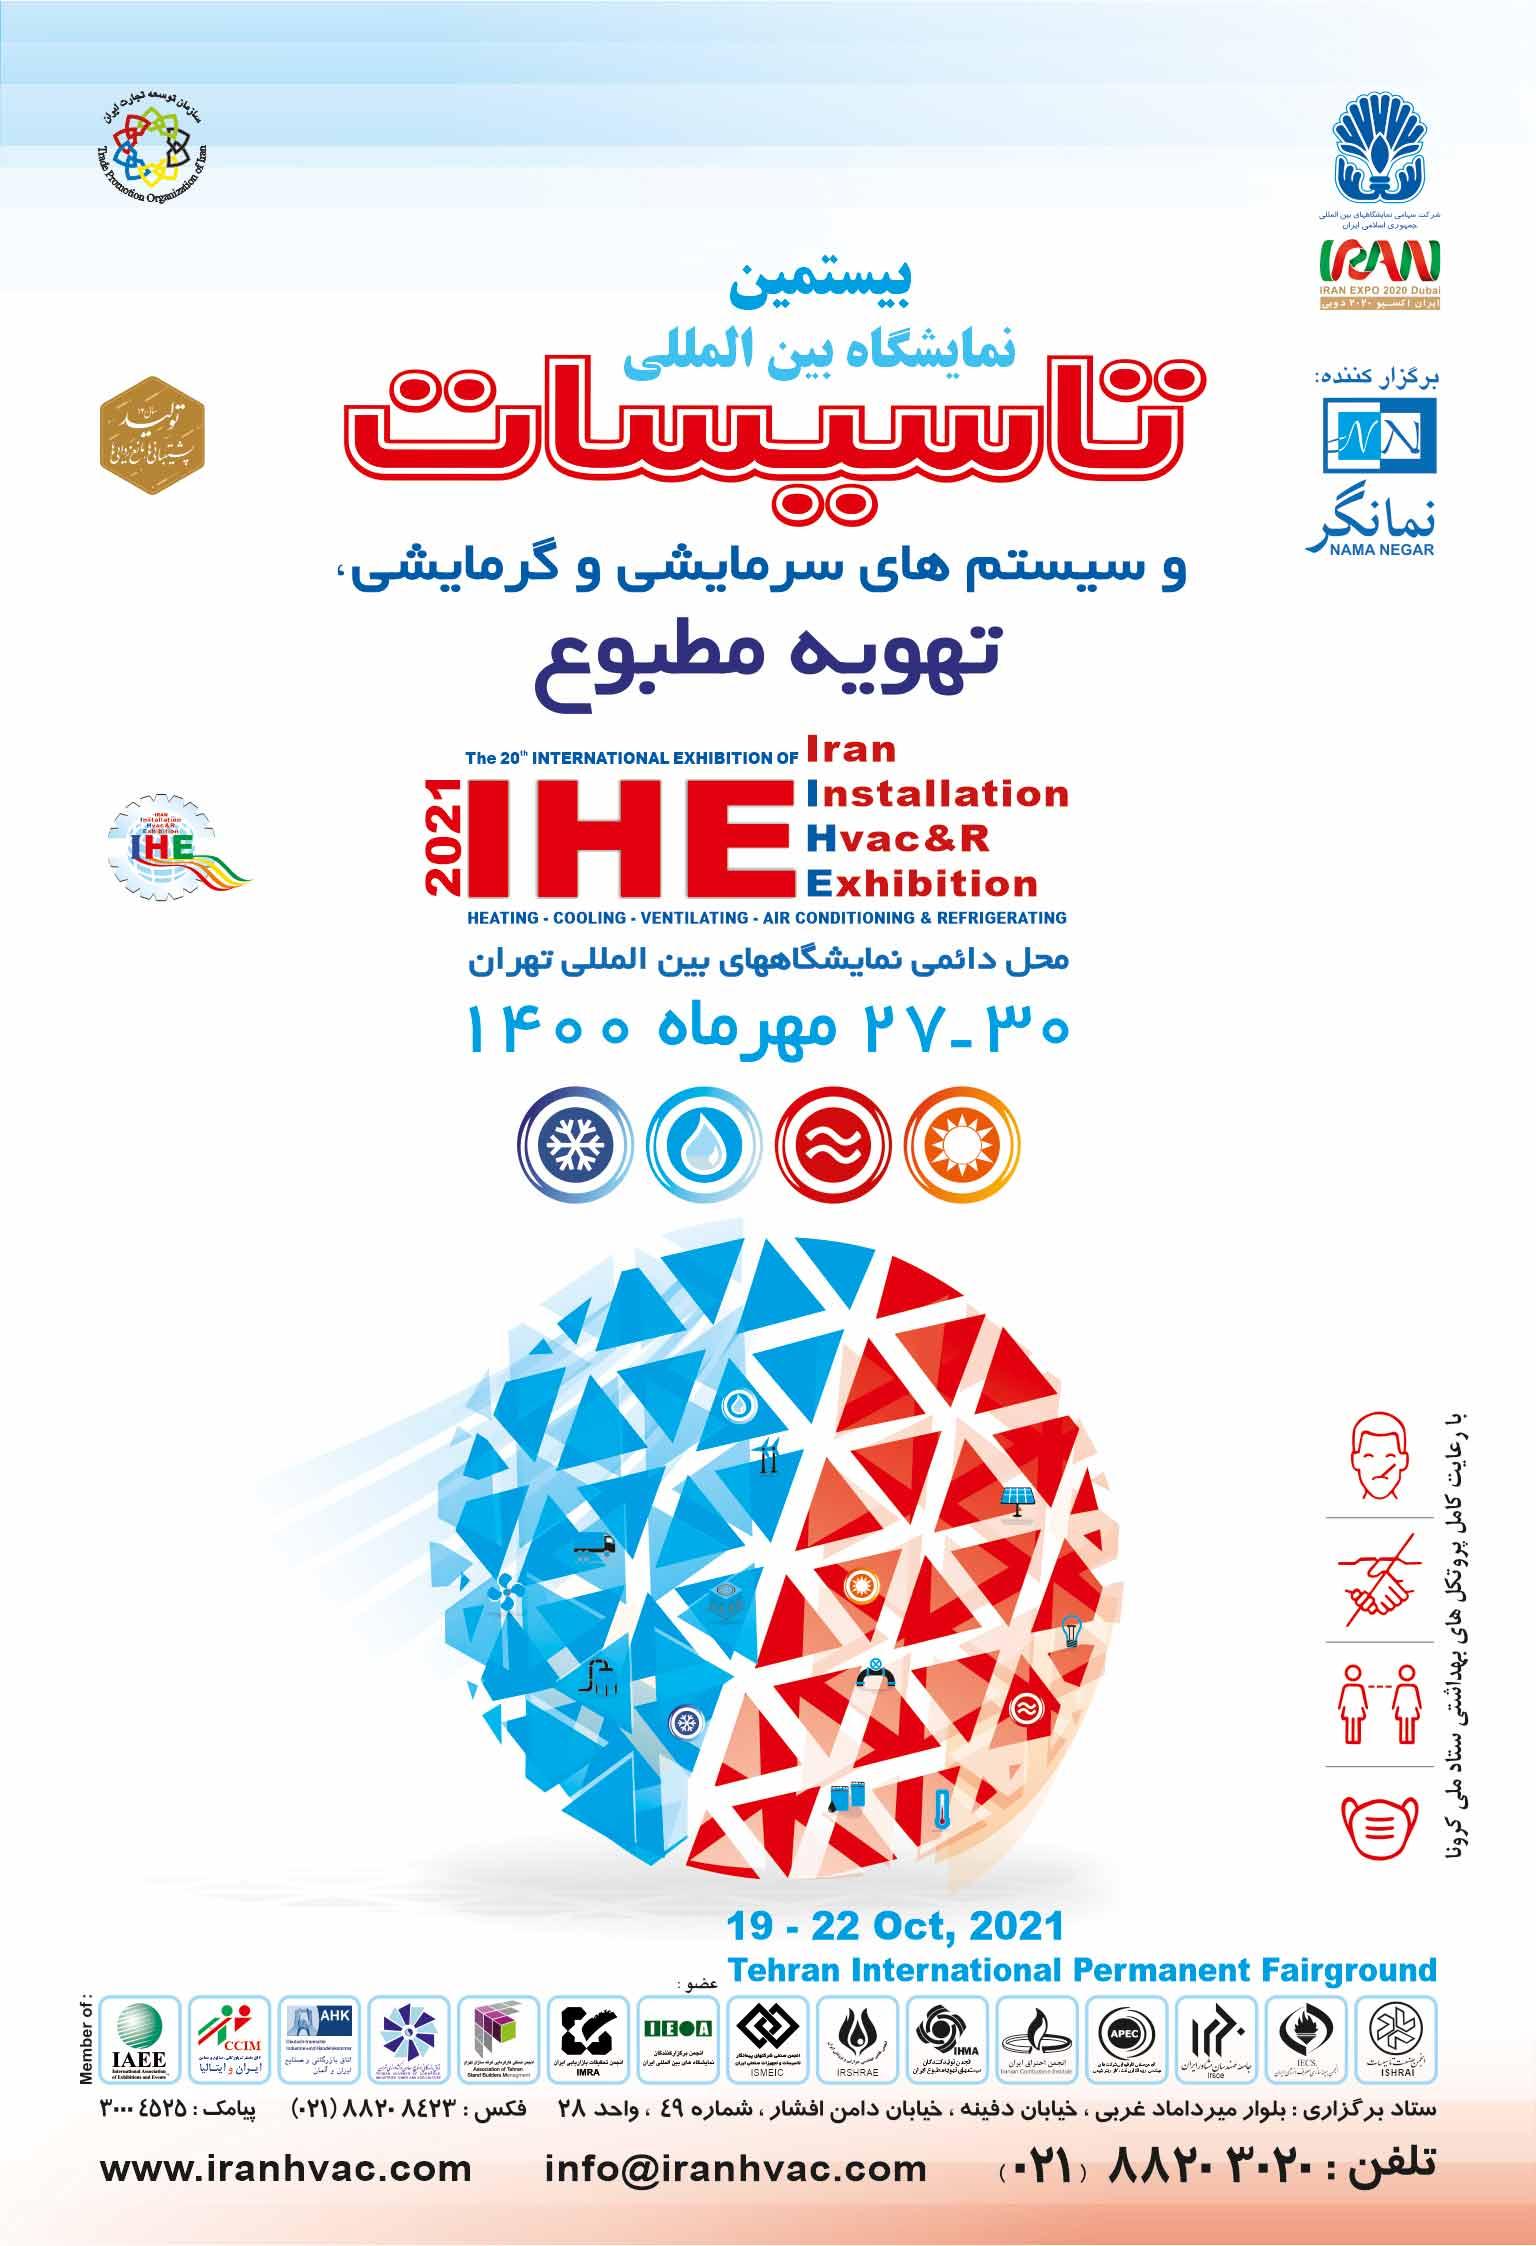 پوستر نمایشگاه تاسیسات 1400 تهران